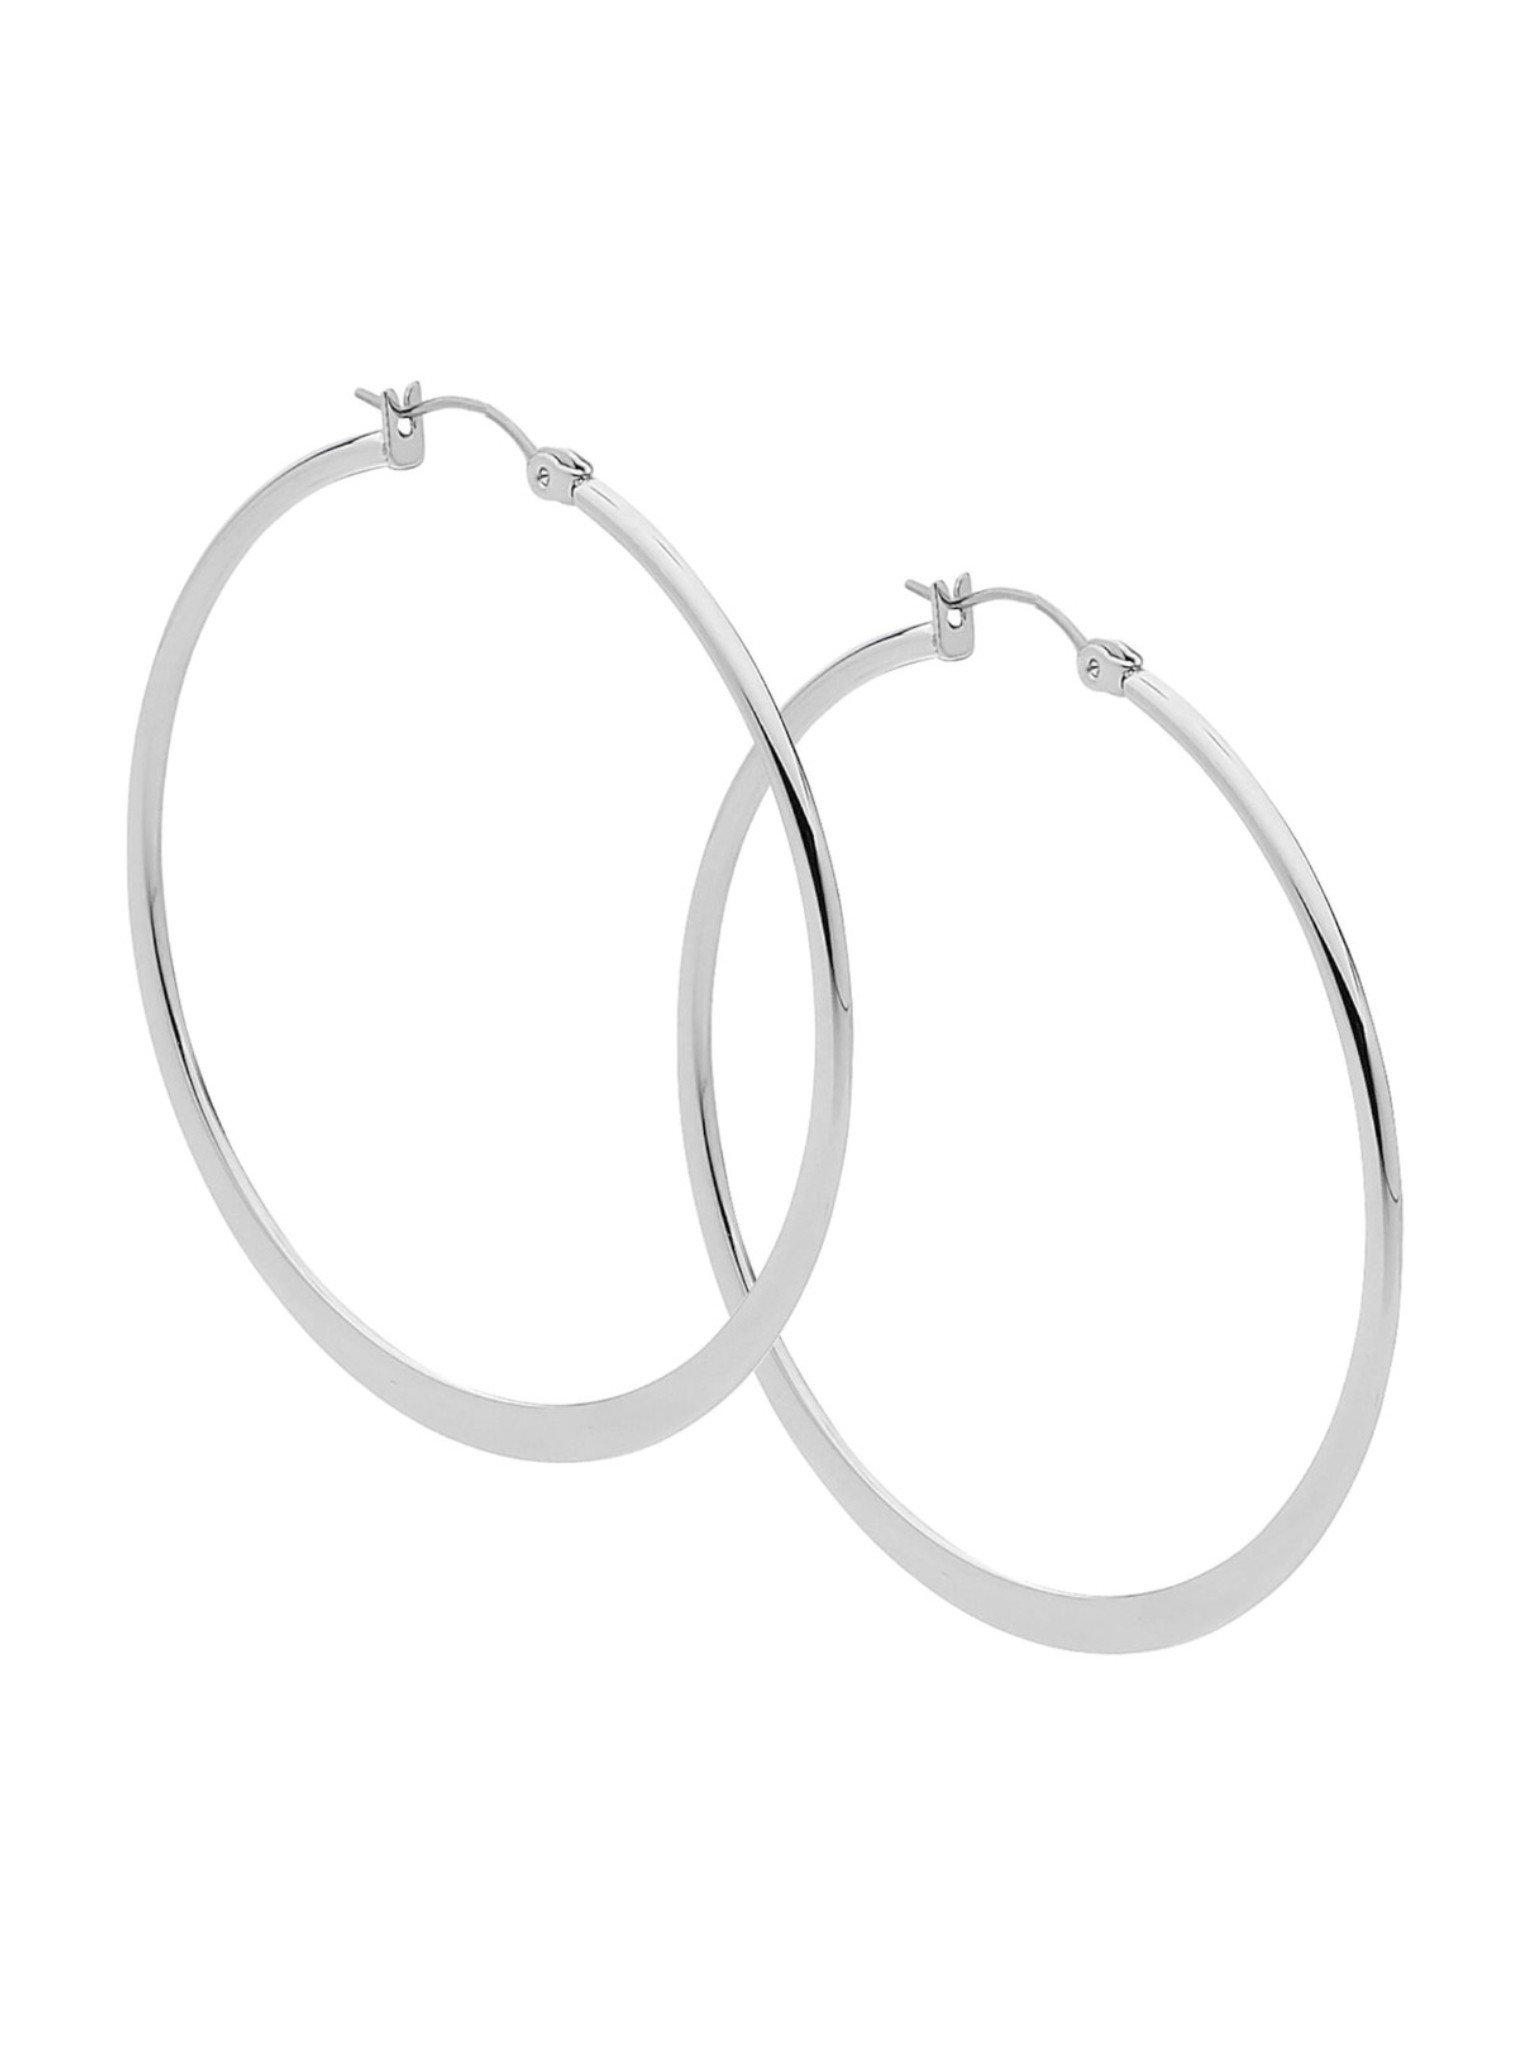 Large Hoop Earrings in Stainless Steel